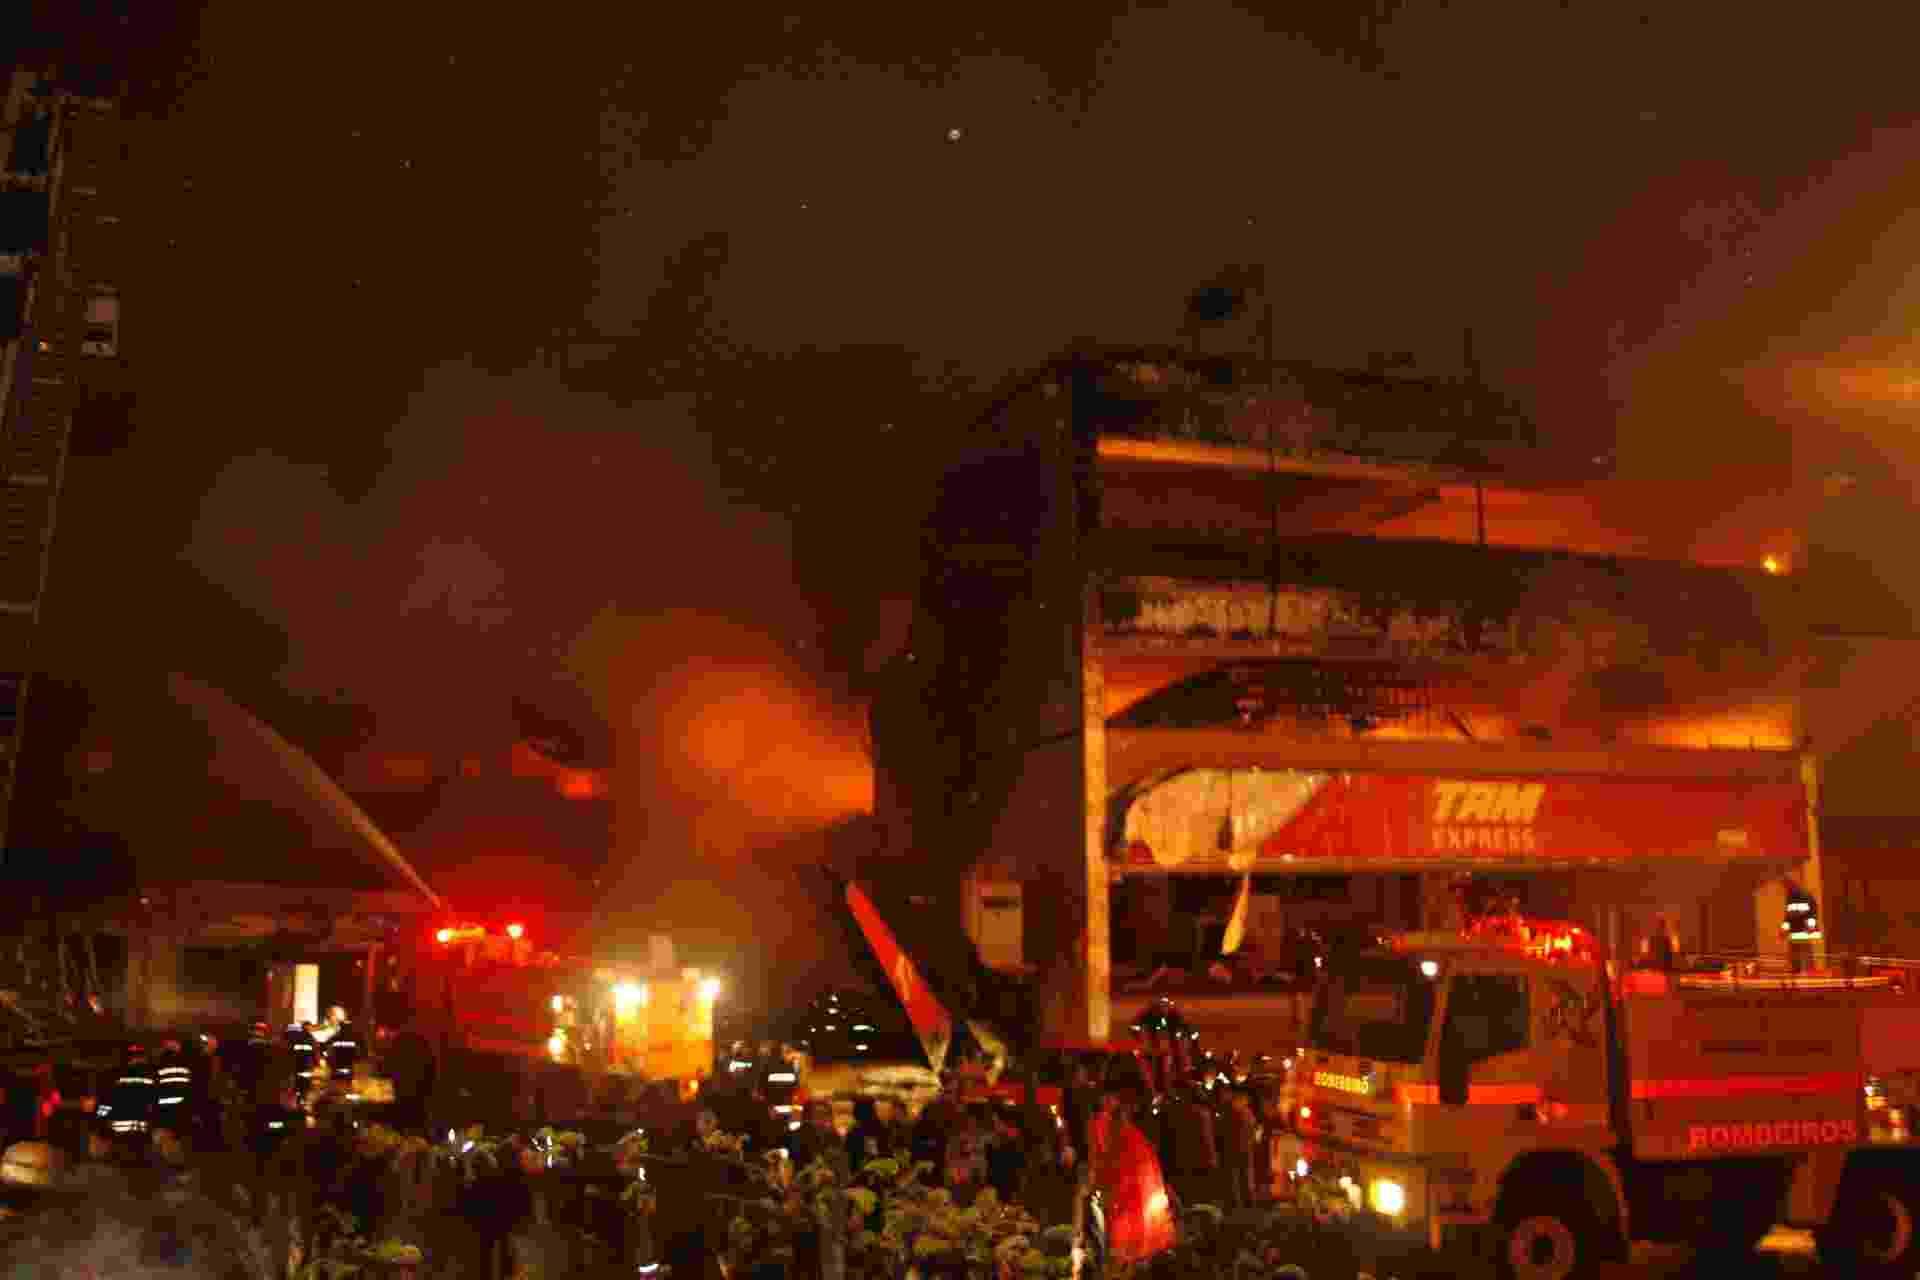 17.jul.2007 - Incêndio atinge prédio da TAM Express após a queda de um avião A320 da TAM no aeroporto de Congonhas, em São Paulo; 199 pessoas morreram - undefined